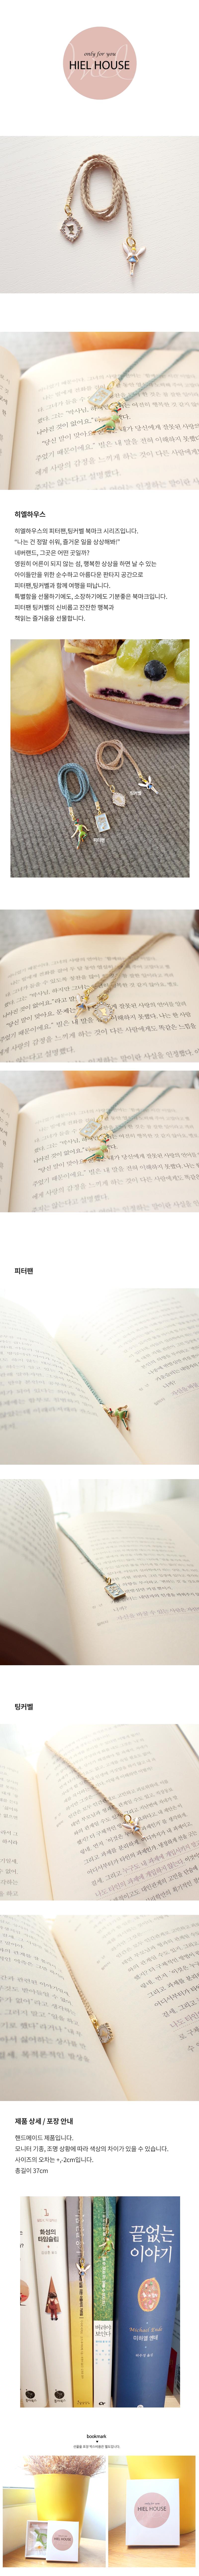 팅커벨 북마크 - 히엘하우스, 9,360원, 북마크/책갈피, 일러스트